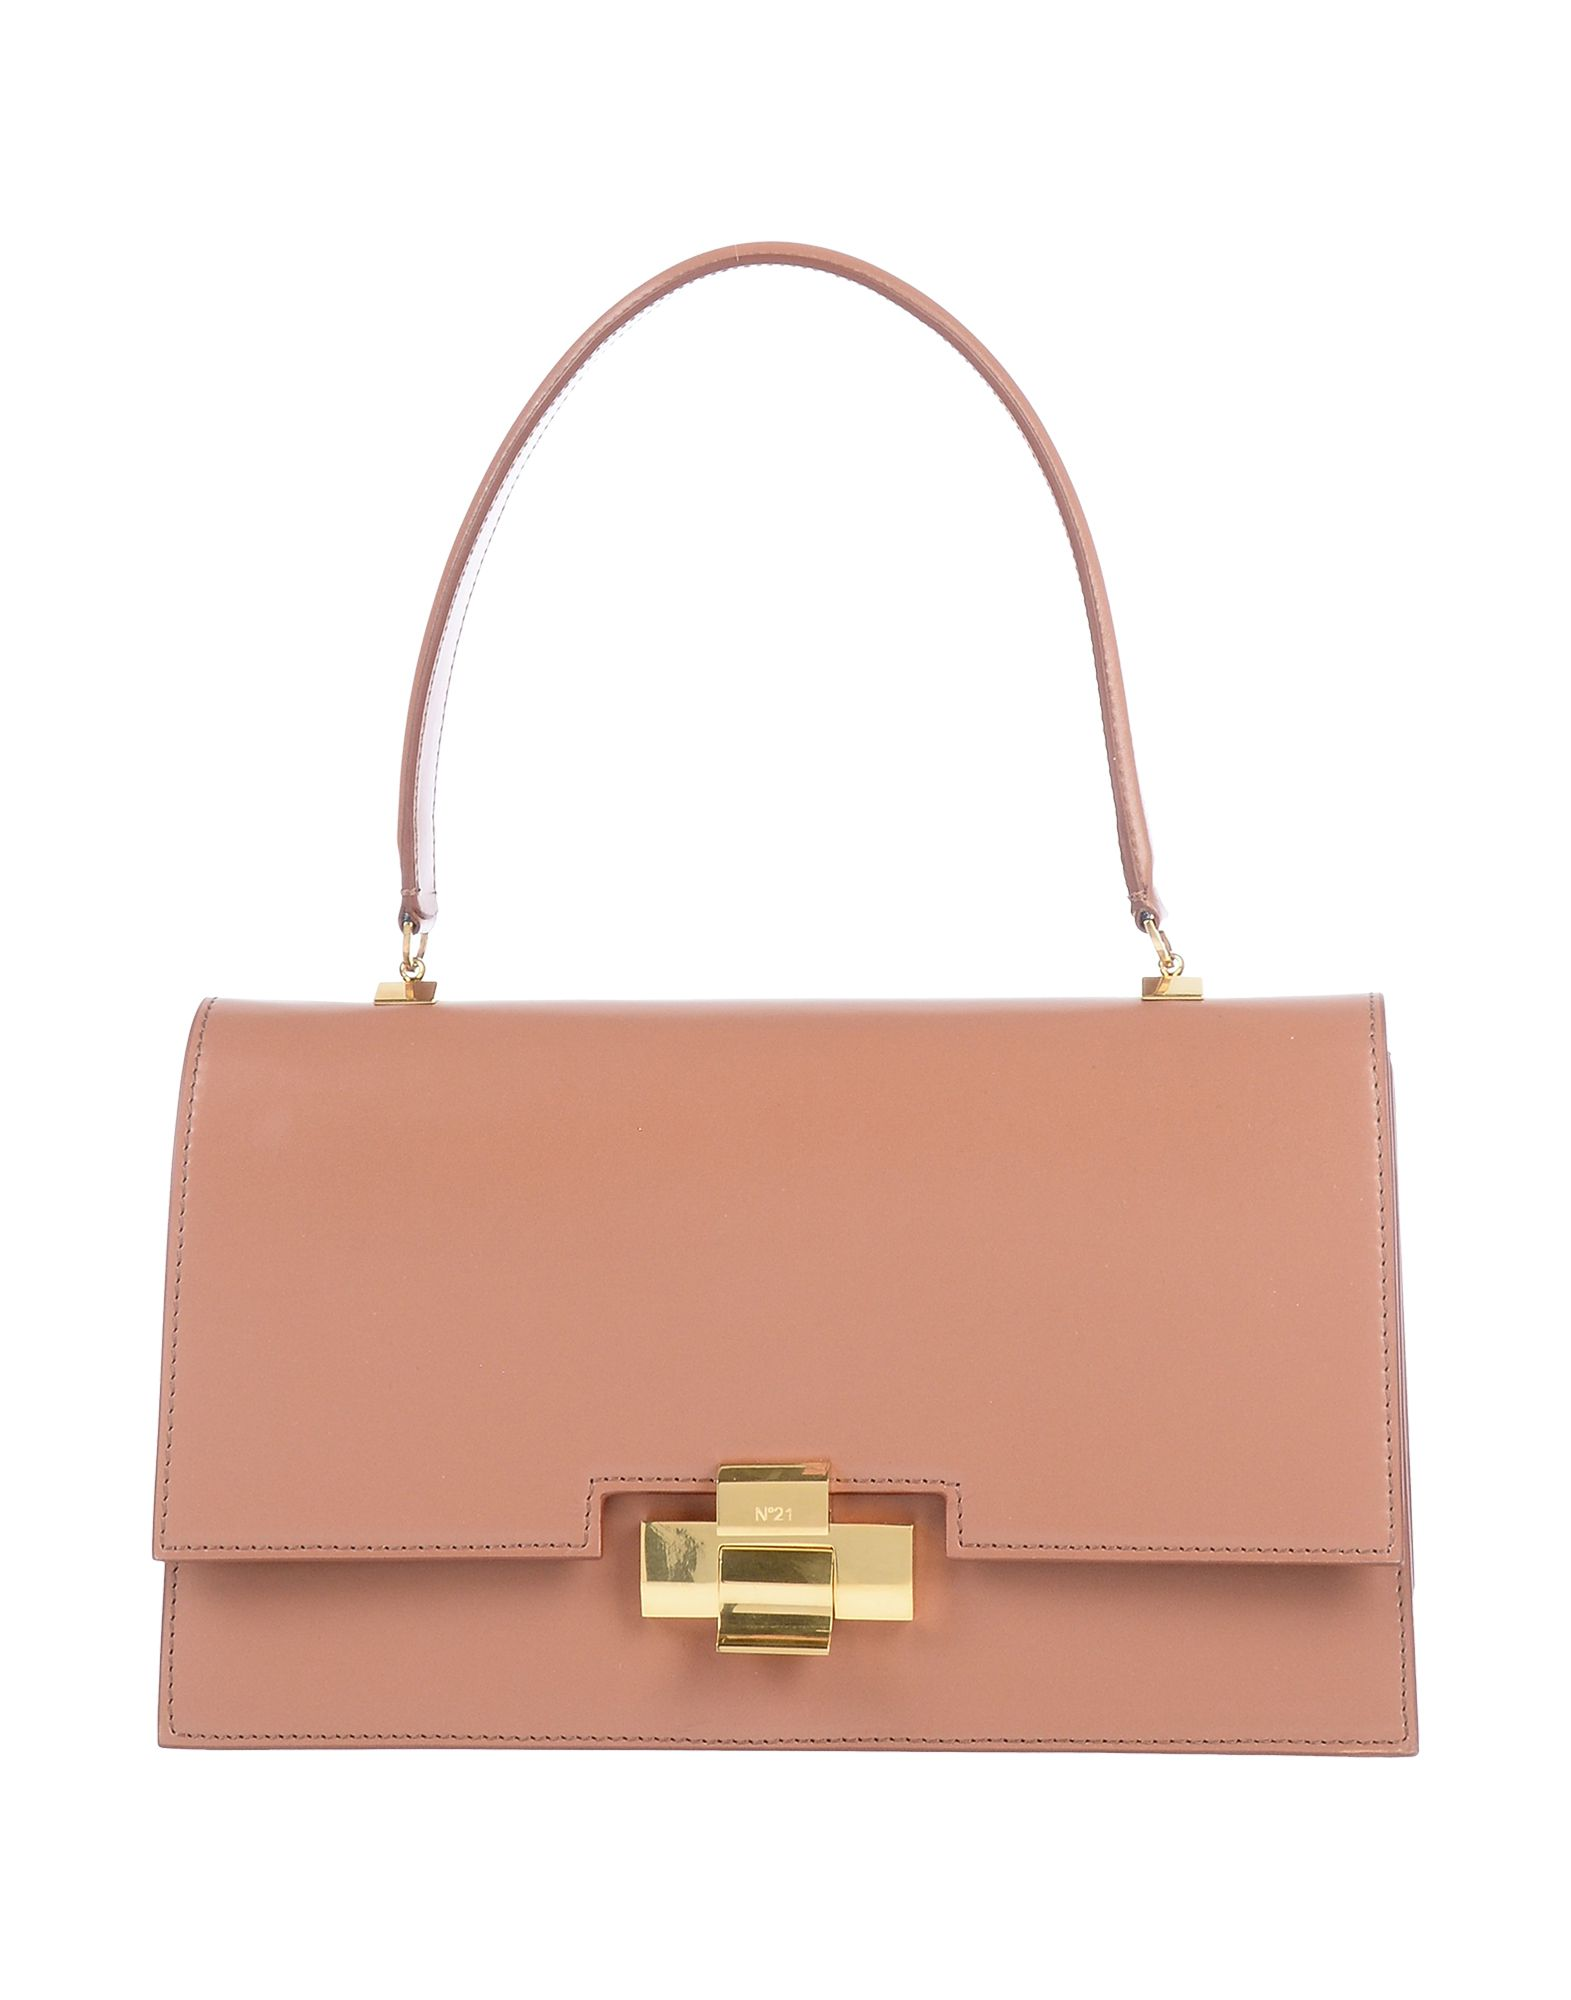 d6b5e3bbcfc335 Borse donna online: pochette, borse a tracolla e da lavoro firmate